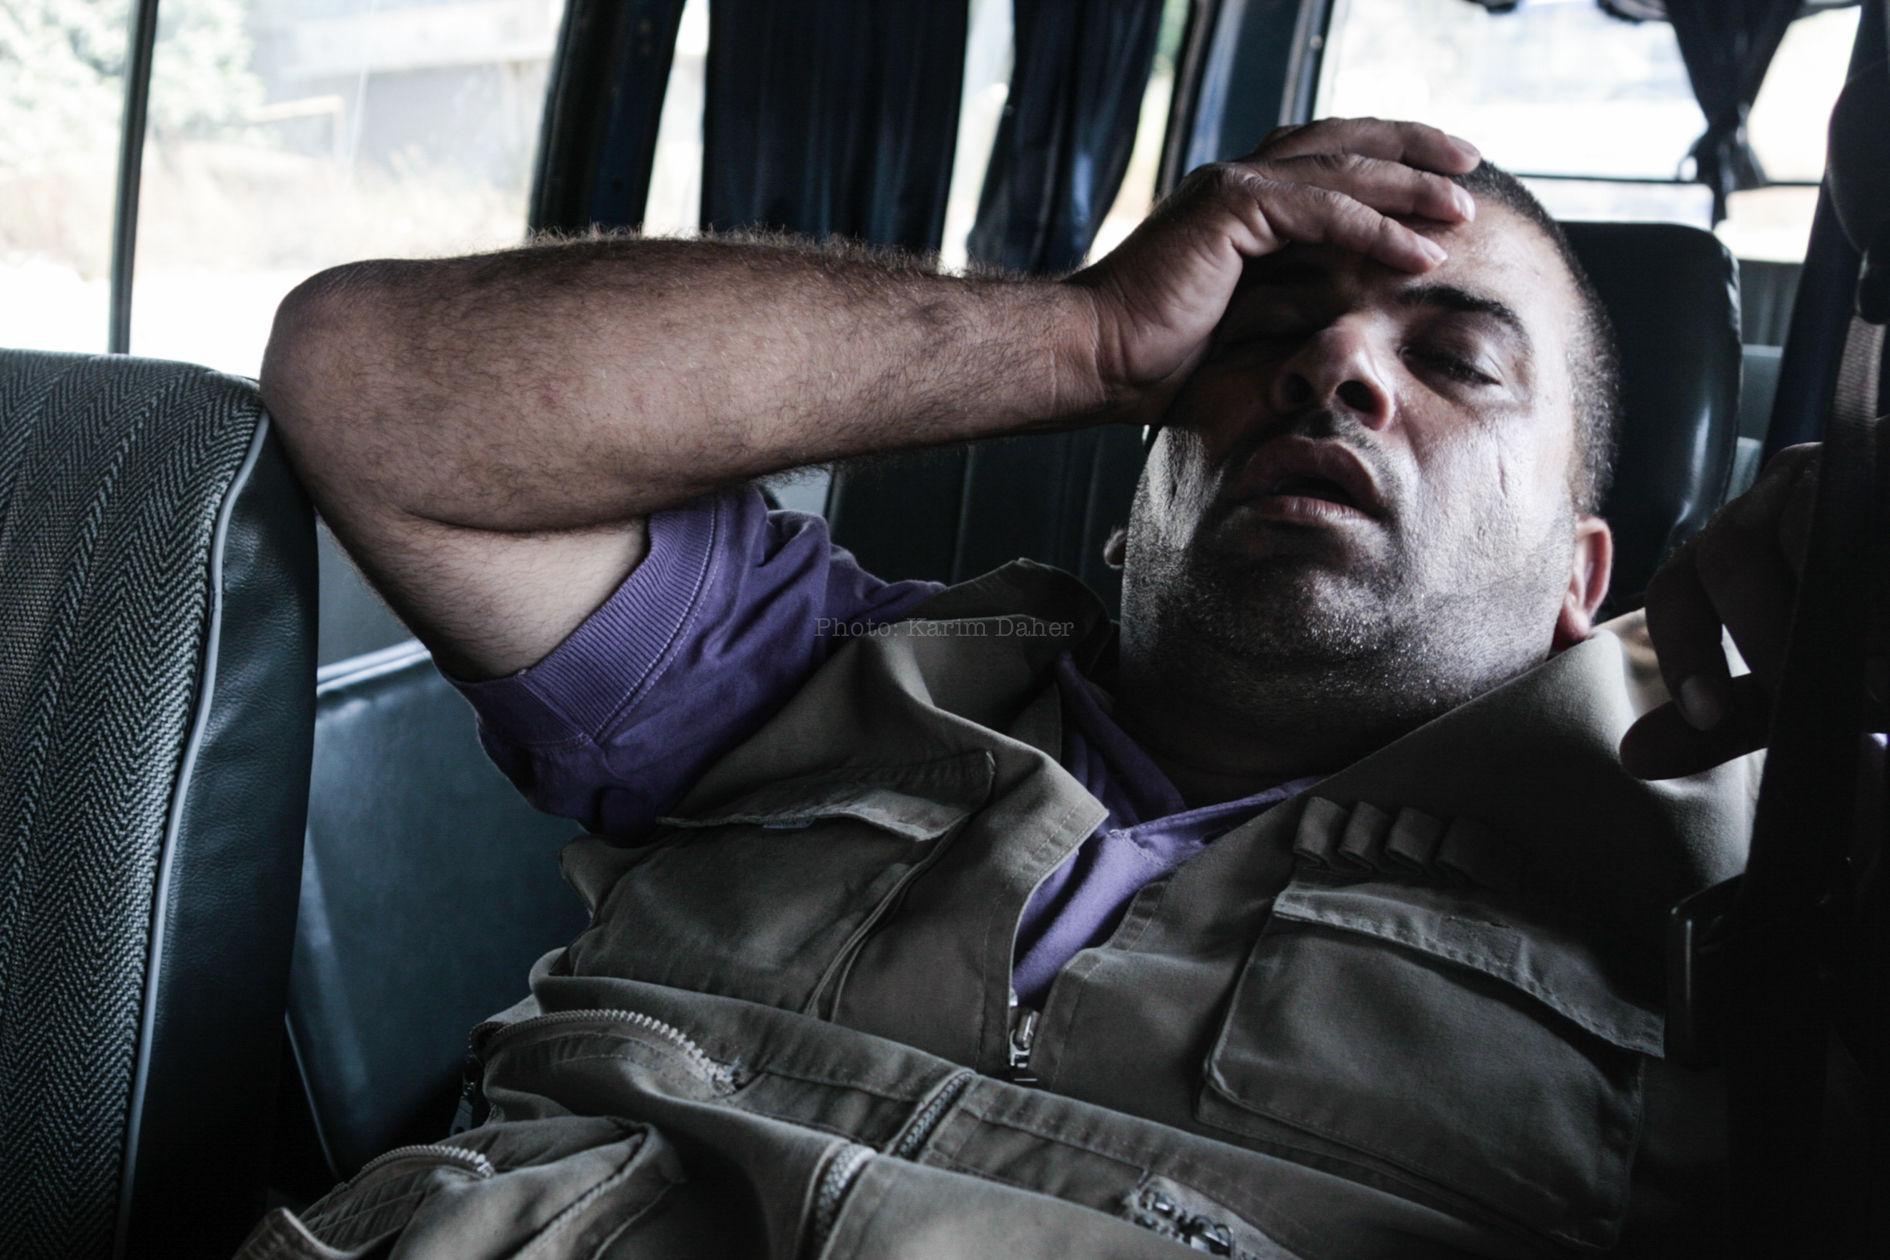 Liban, 2007. Siège du camp palestinien de Nahr el Bared. Le chauffeur d'une organisation humanitaire dort.